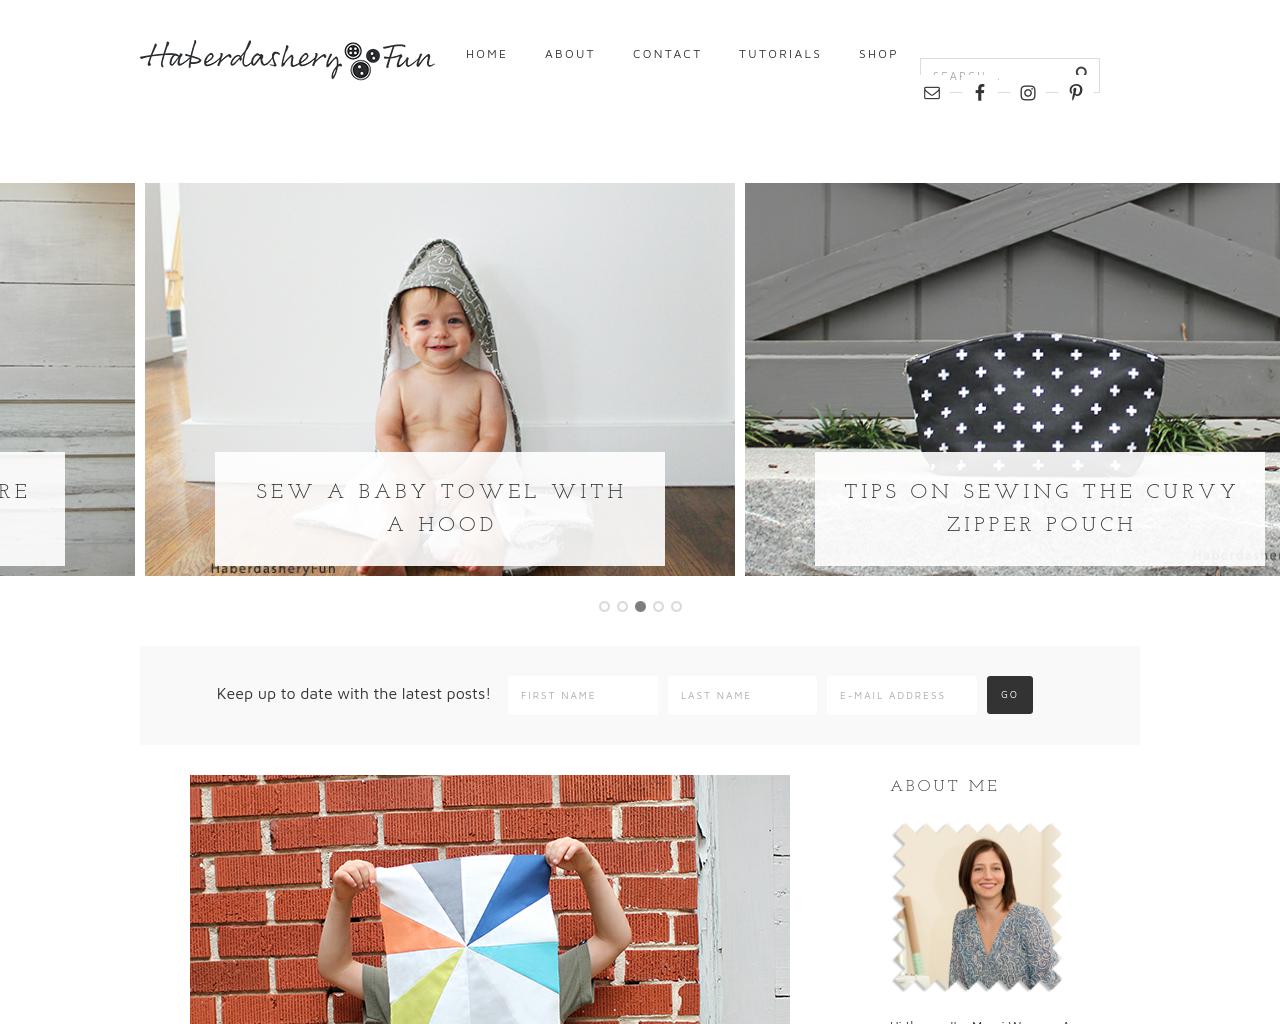 Haberdashery-Fun-Advertising-Reviews-Pricing